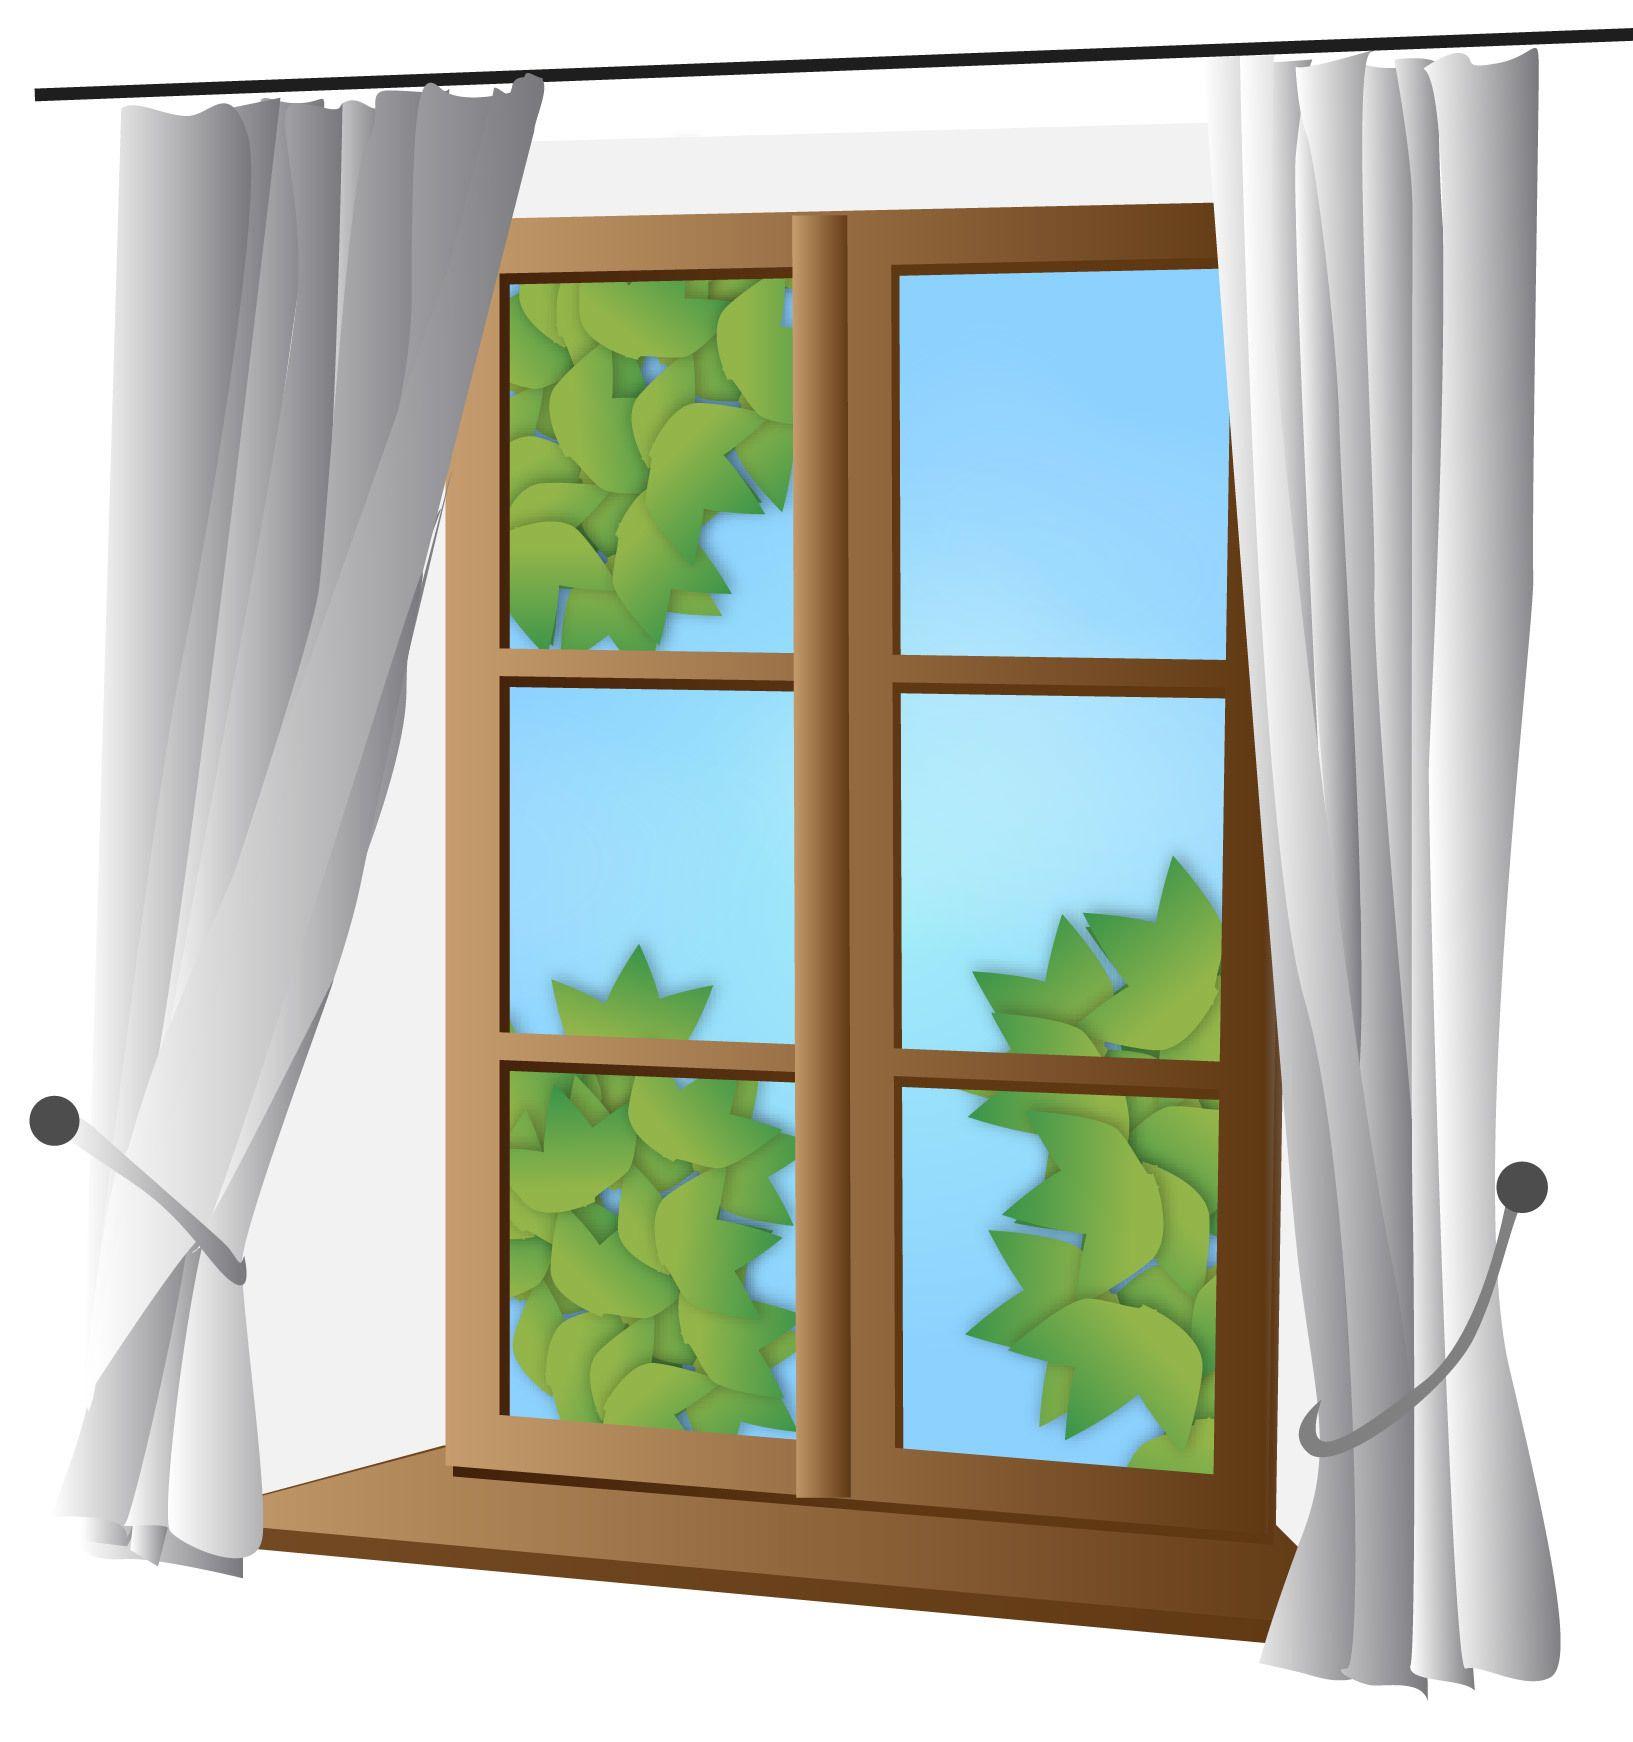 Ventana cerrada con la cortina  Descargar vector